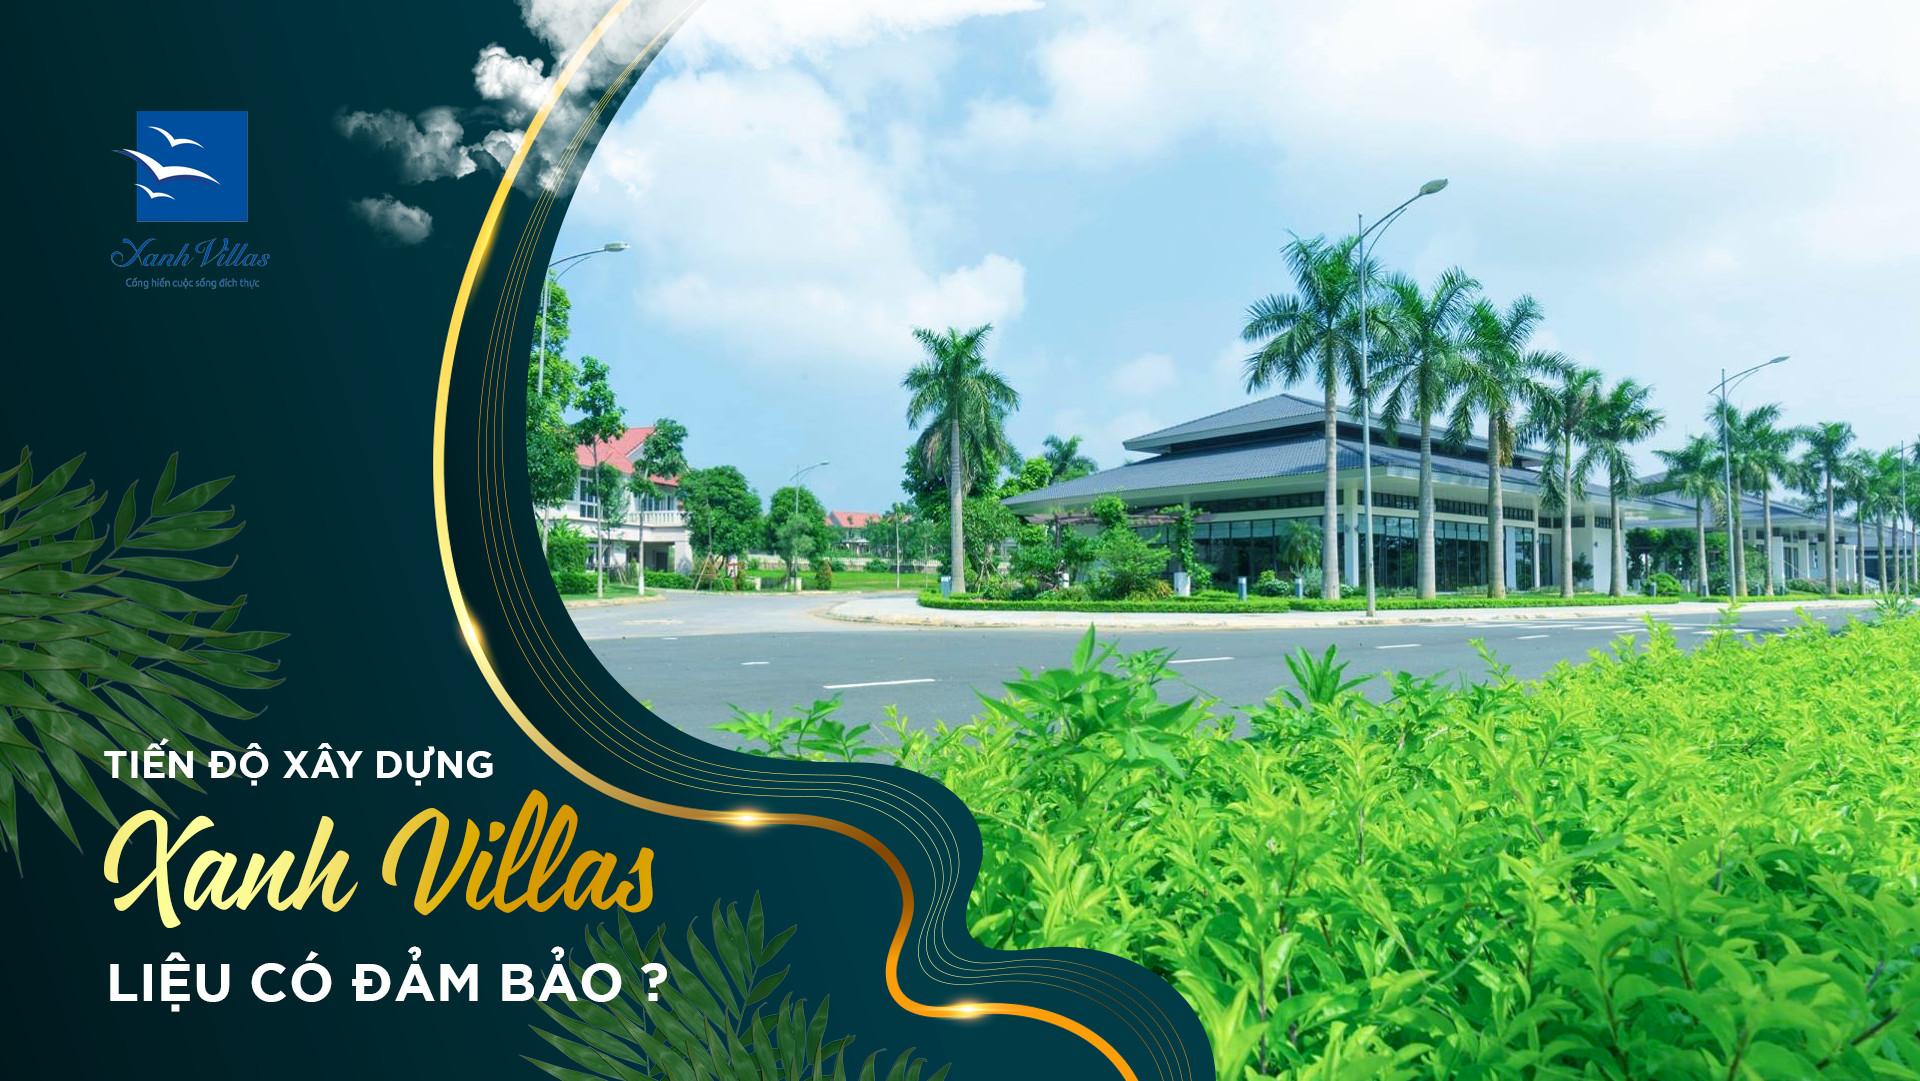 Thông tin tiến độ xây dựng dự án Xanh Villas